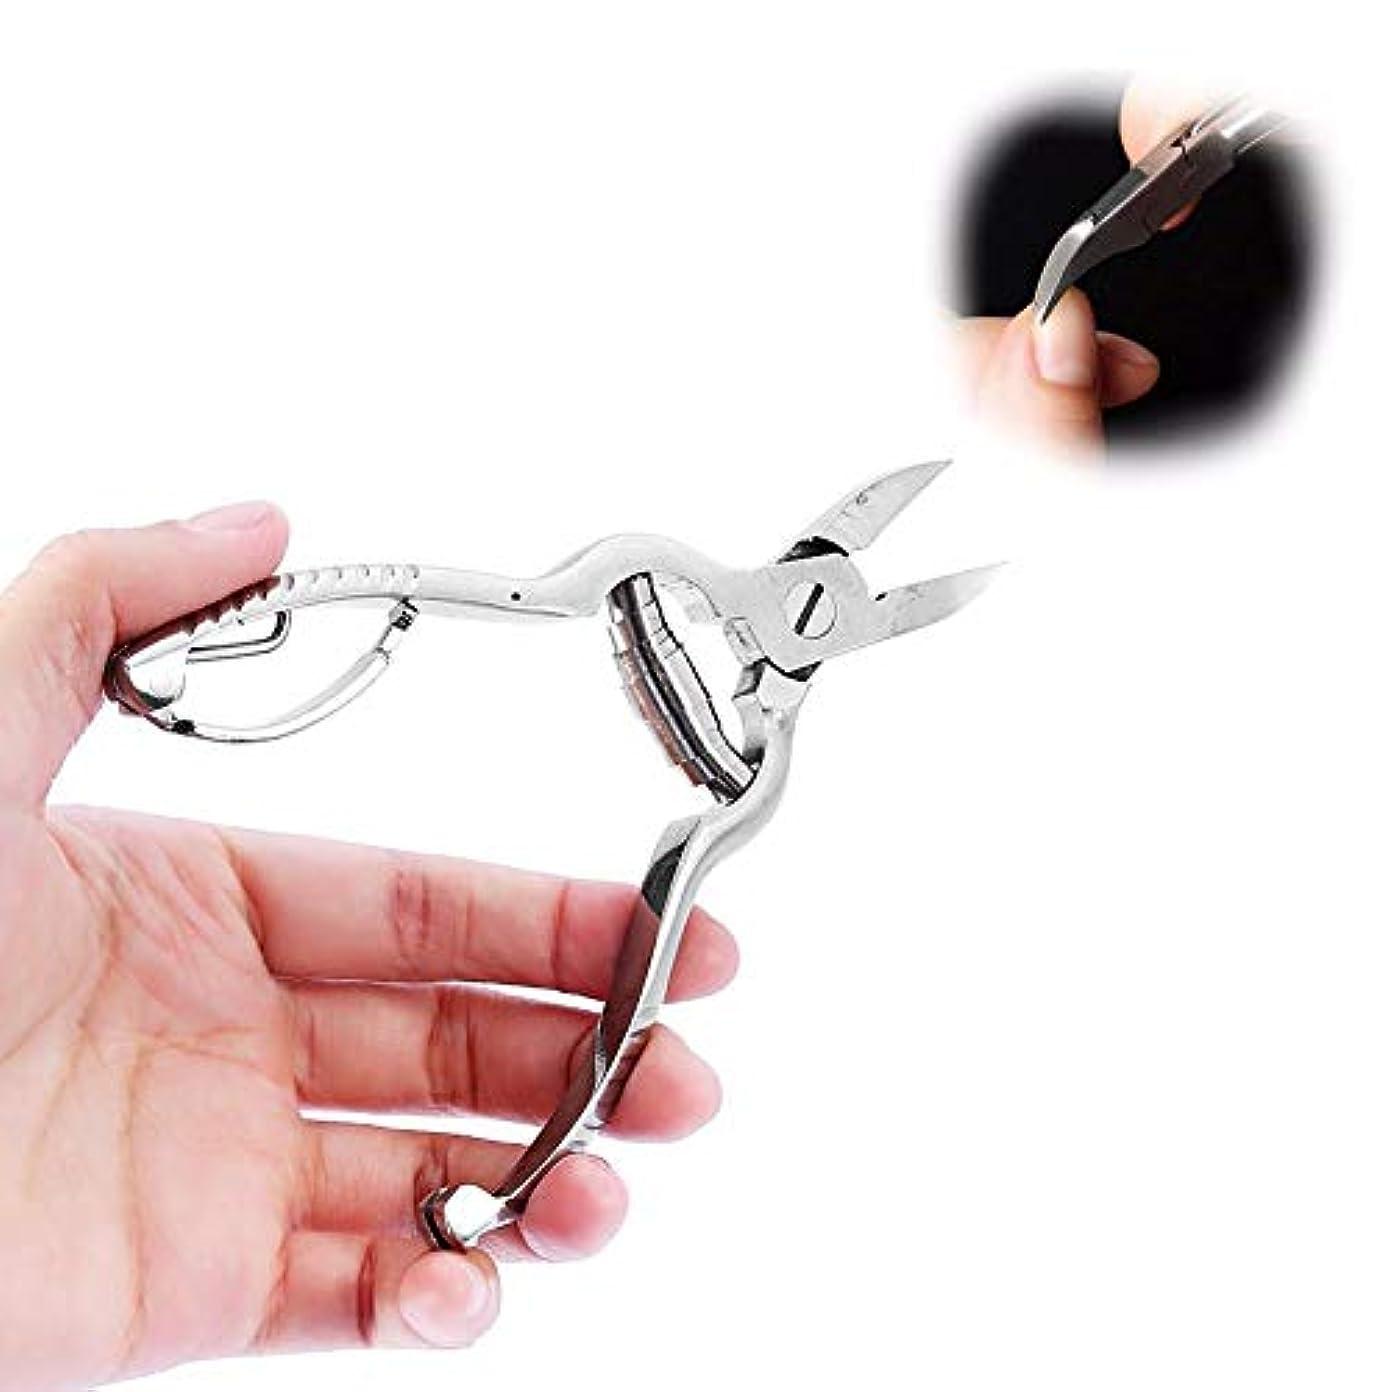 名前を作るロデオセッションプロフェッショナルキューティクルニッパー、ホームユーザーおよびアマチュア向けのステンレス製バレルスプリングハサミ、死んだ皮膚の爪の爪を除去するマニキュアおよびペディキュアツール